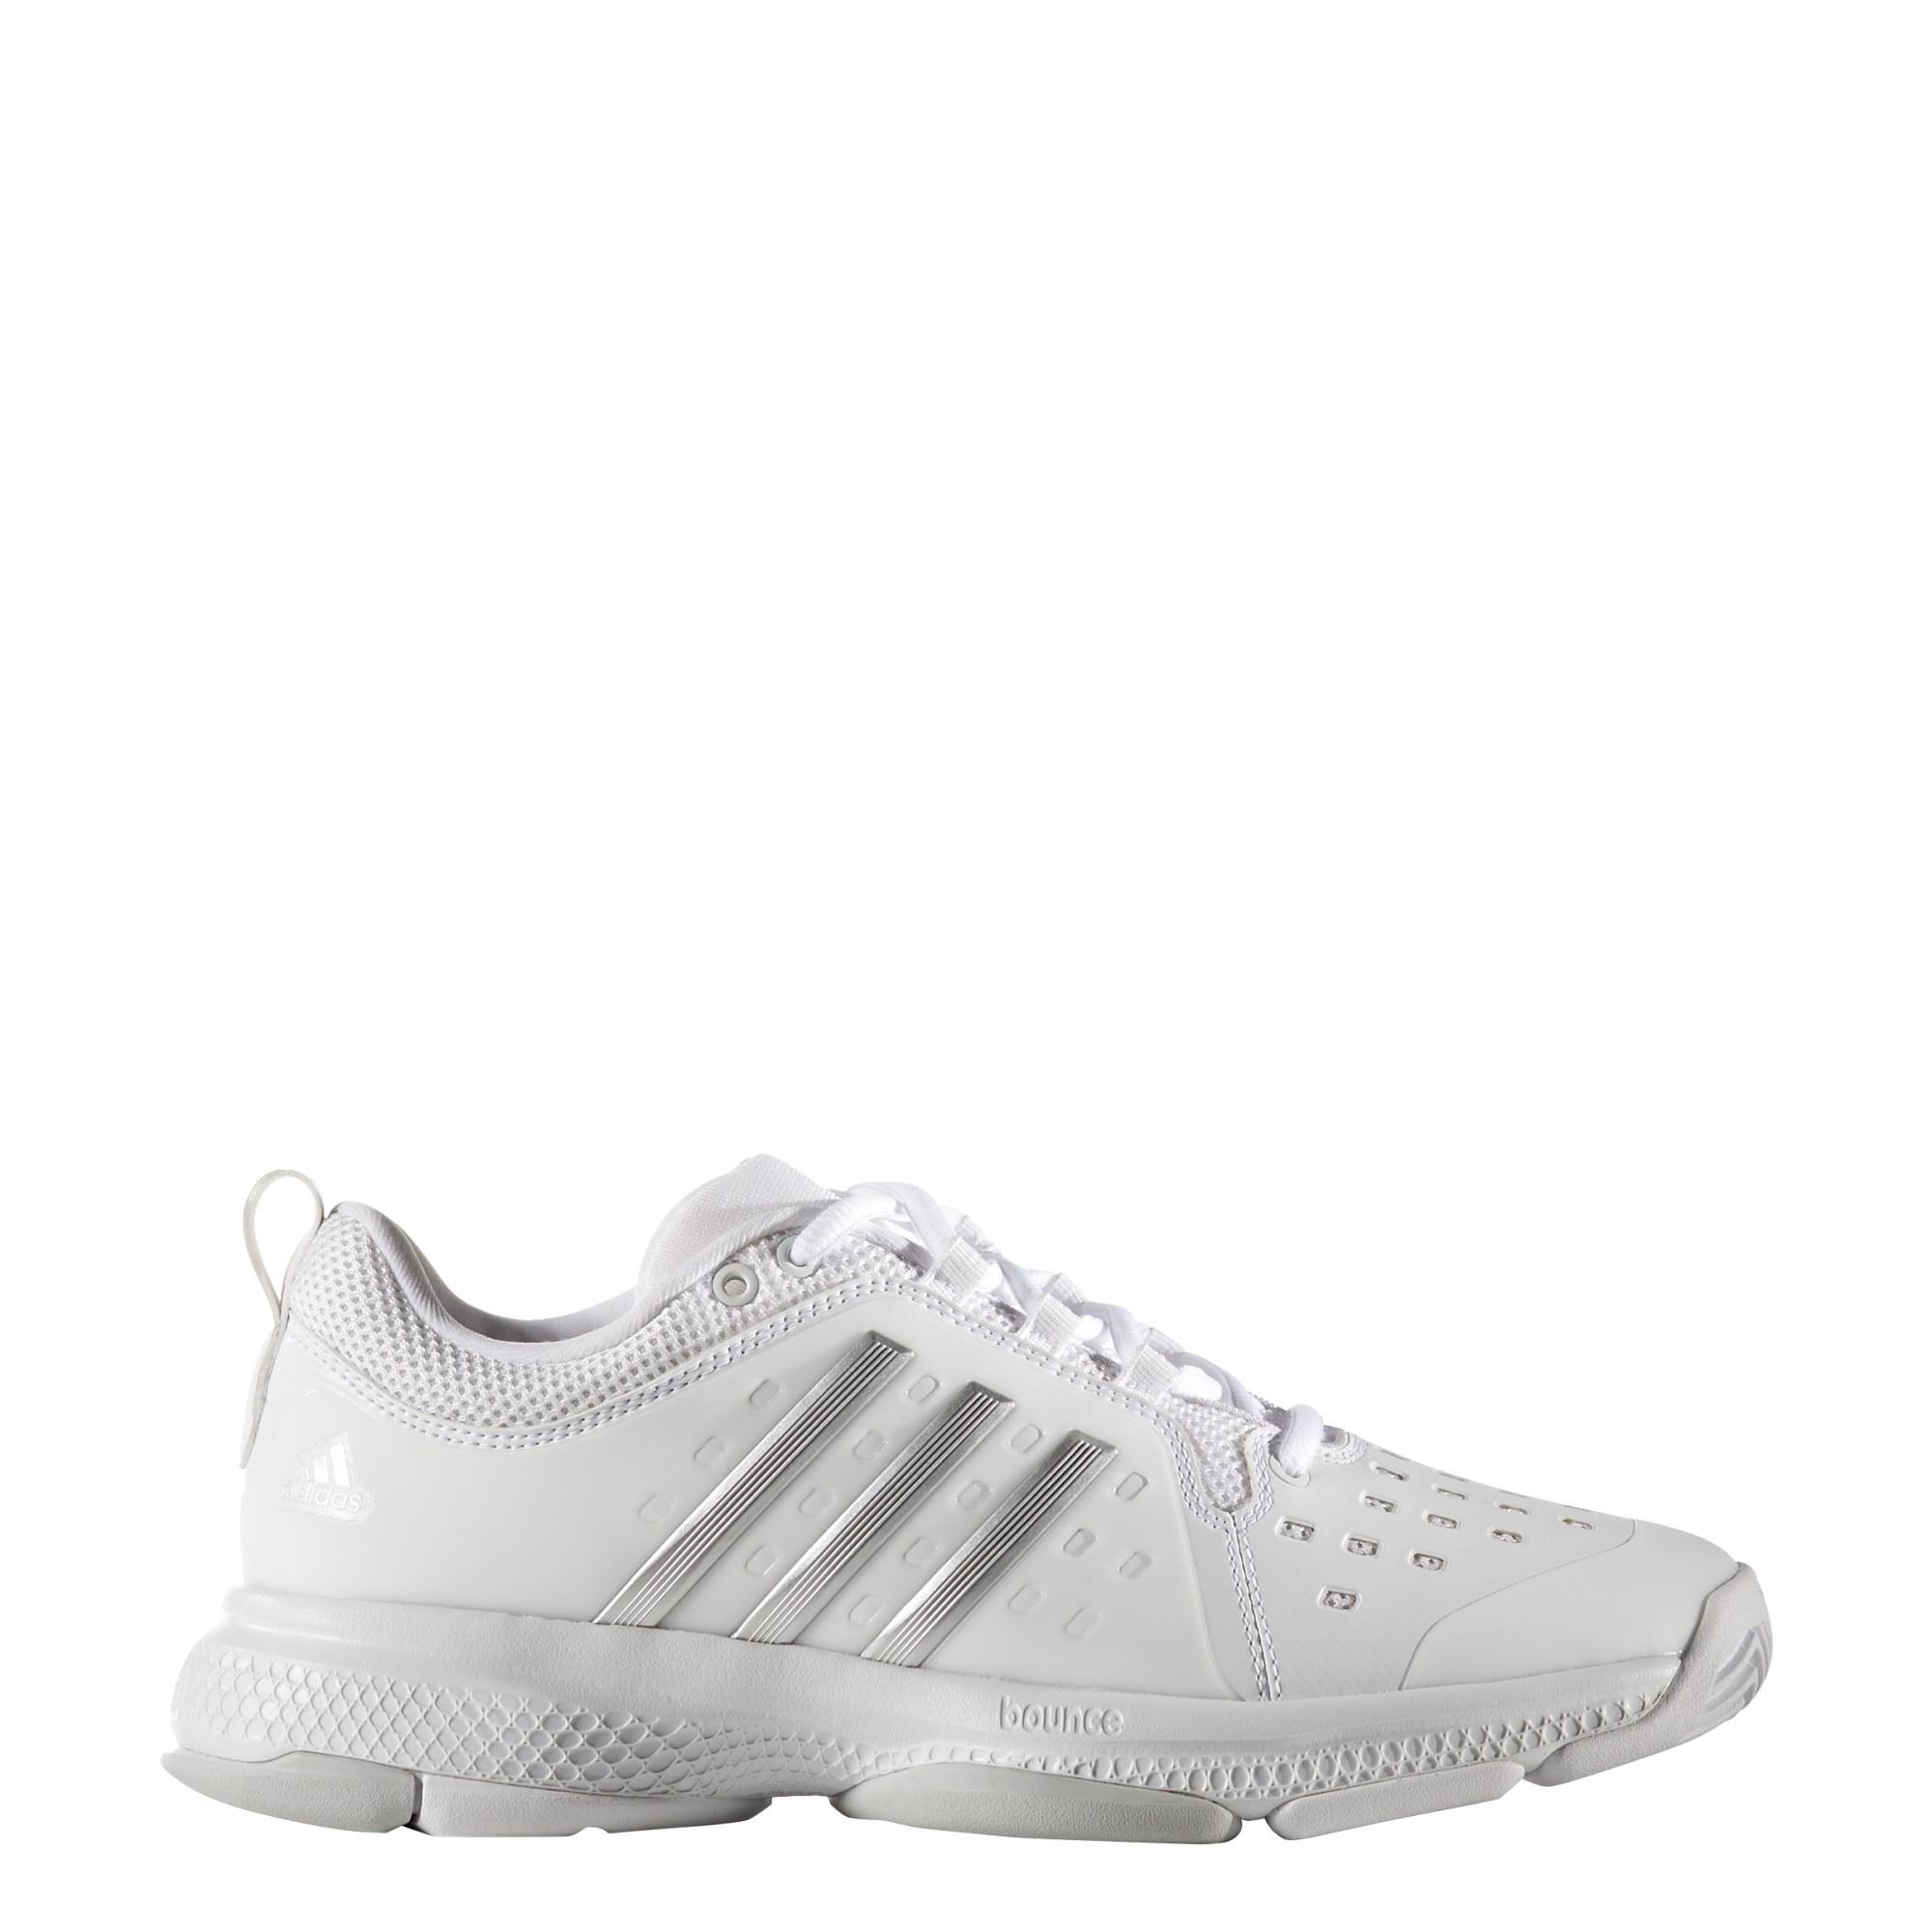 Adidas Barricade Classic Dames tennisschoenen